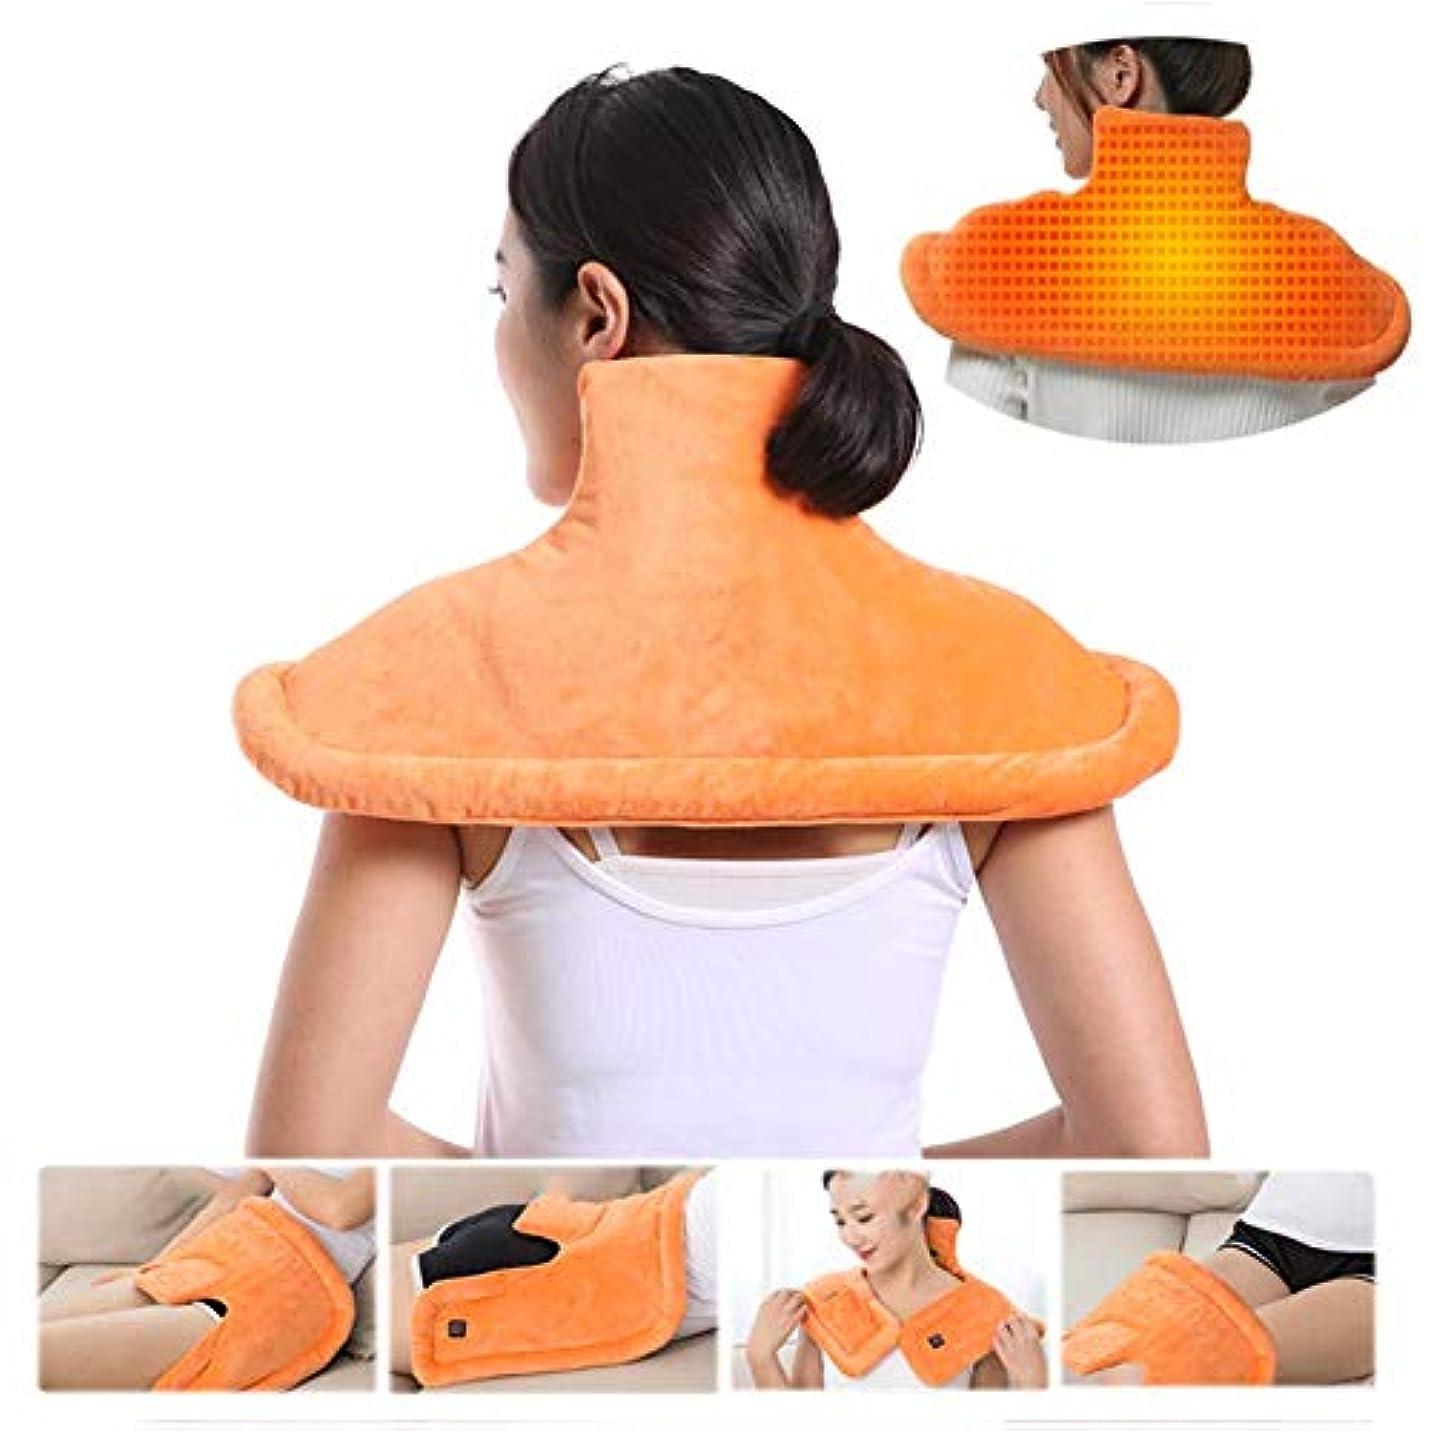 吸収するダーベビルのテス忘れっぽいSooger 電熱のストール 首の肩の背部暖房パッド、マッサージのヒートラップの熱くするショールの減圧のための調節可能な強度フルボディマッサージ首の肩暖房湿った熱療法のパッド